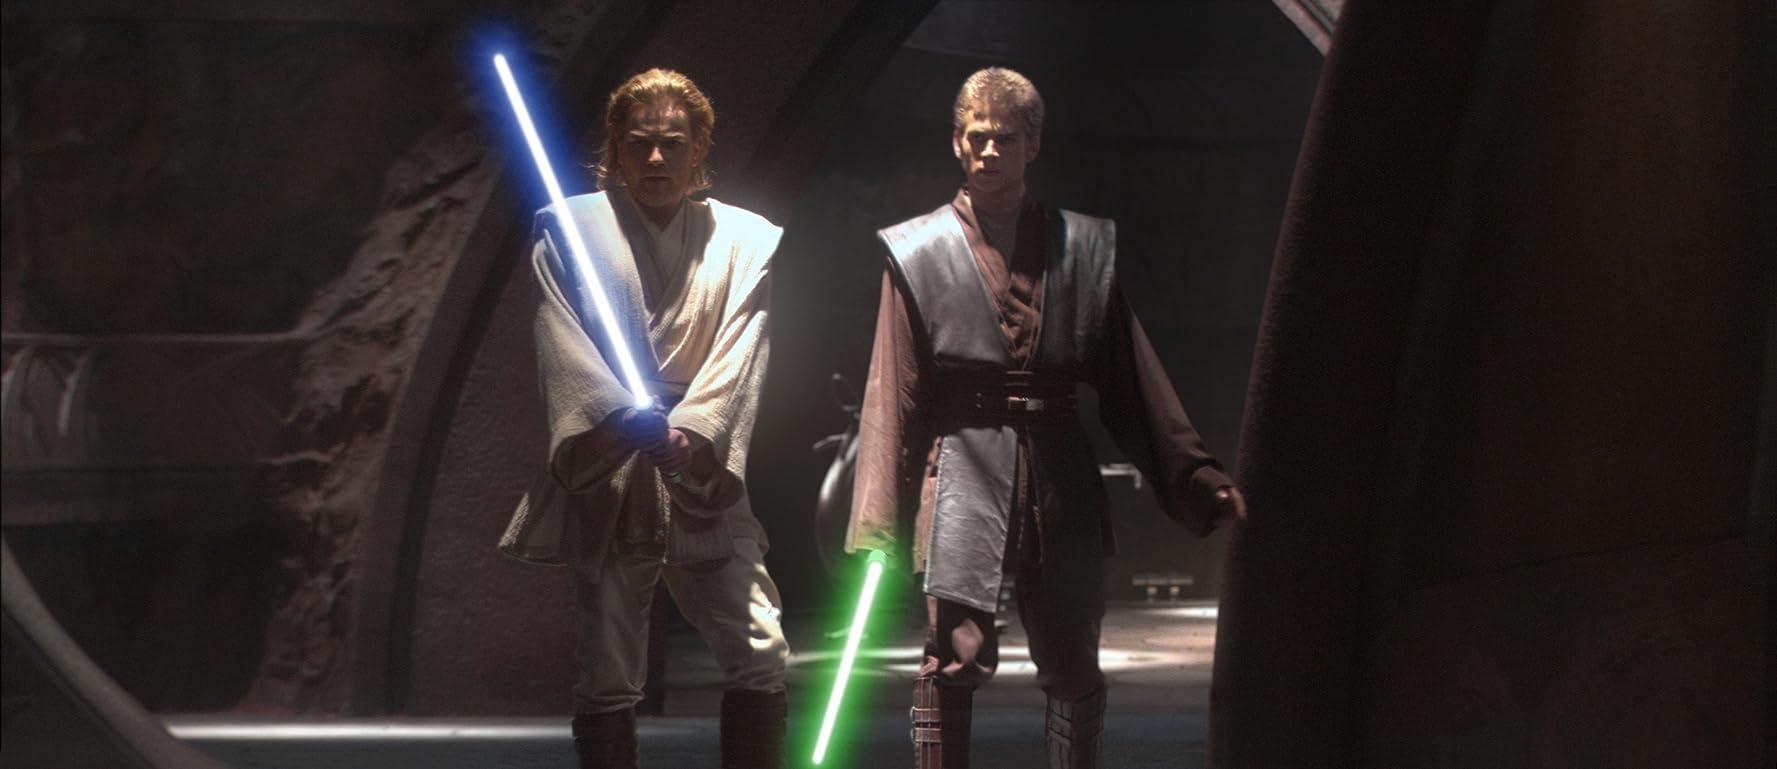 Ewan McGregor and Hayden Christensen in Star Wars: Episode II - Attack of the Clones (2002)